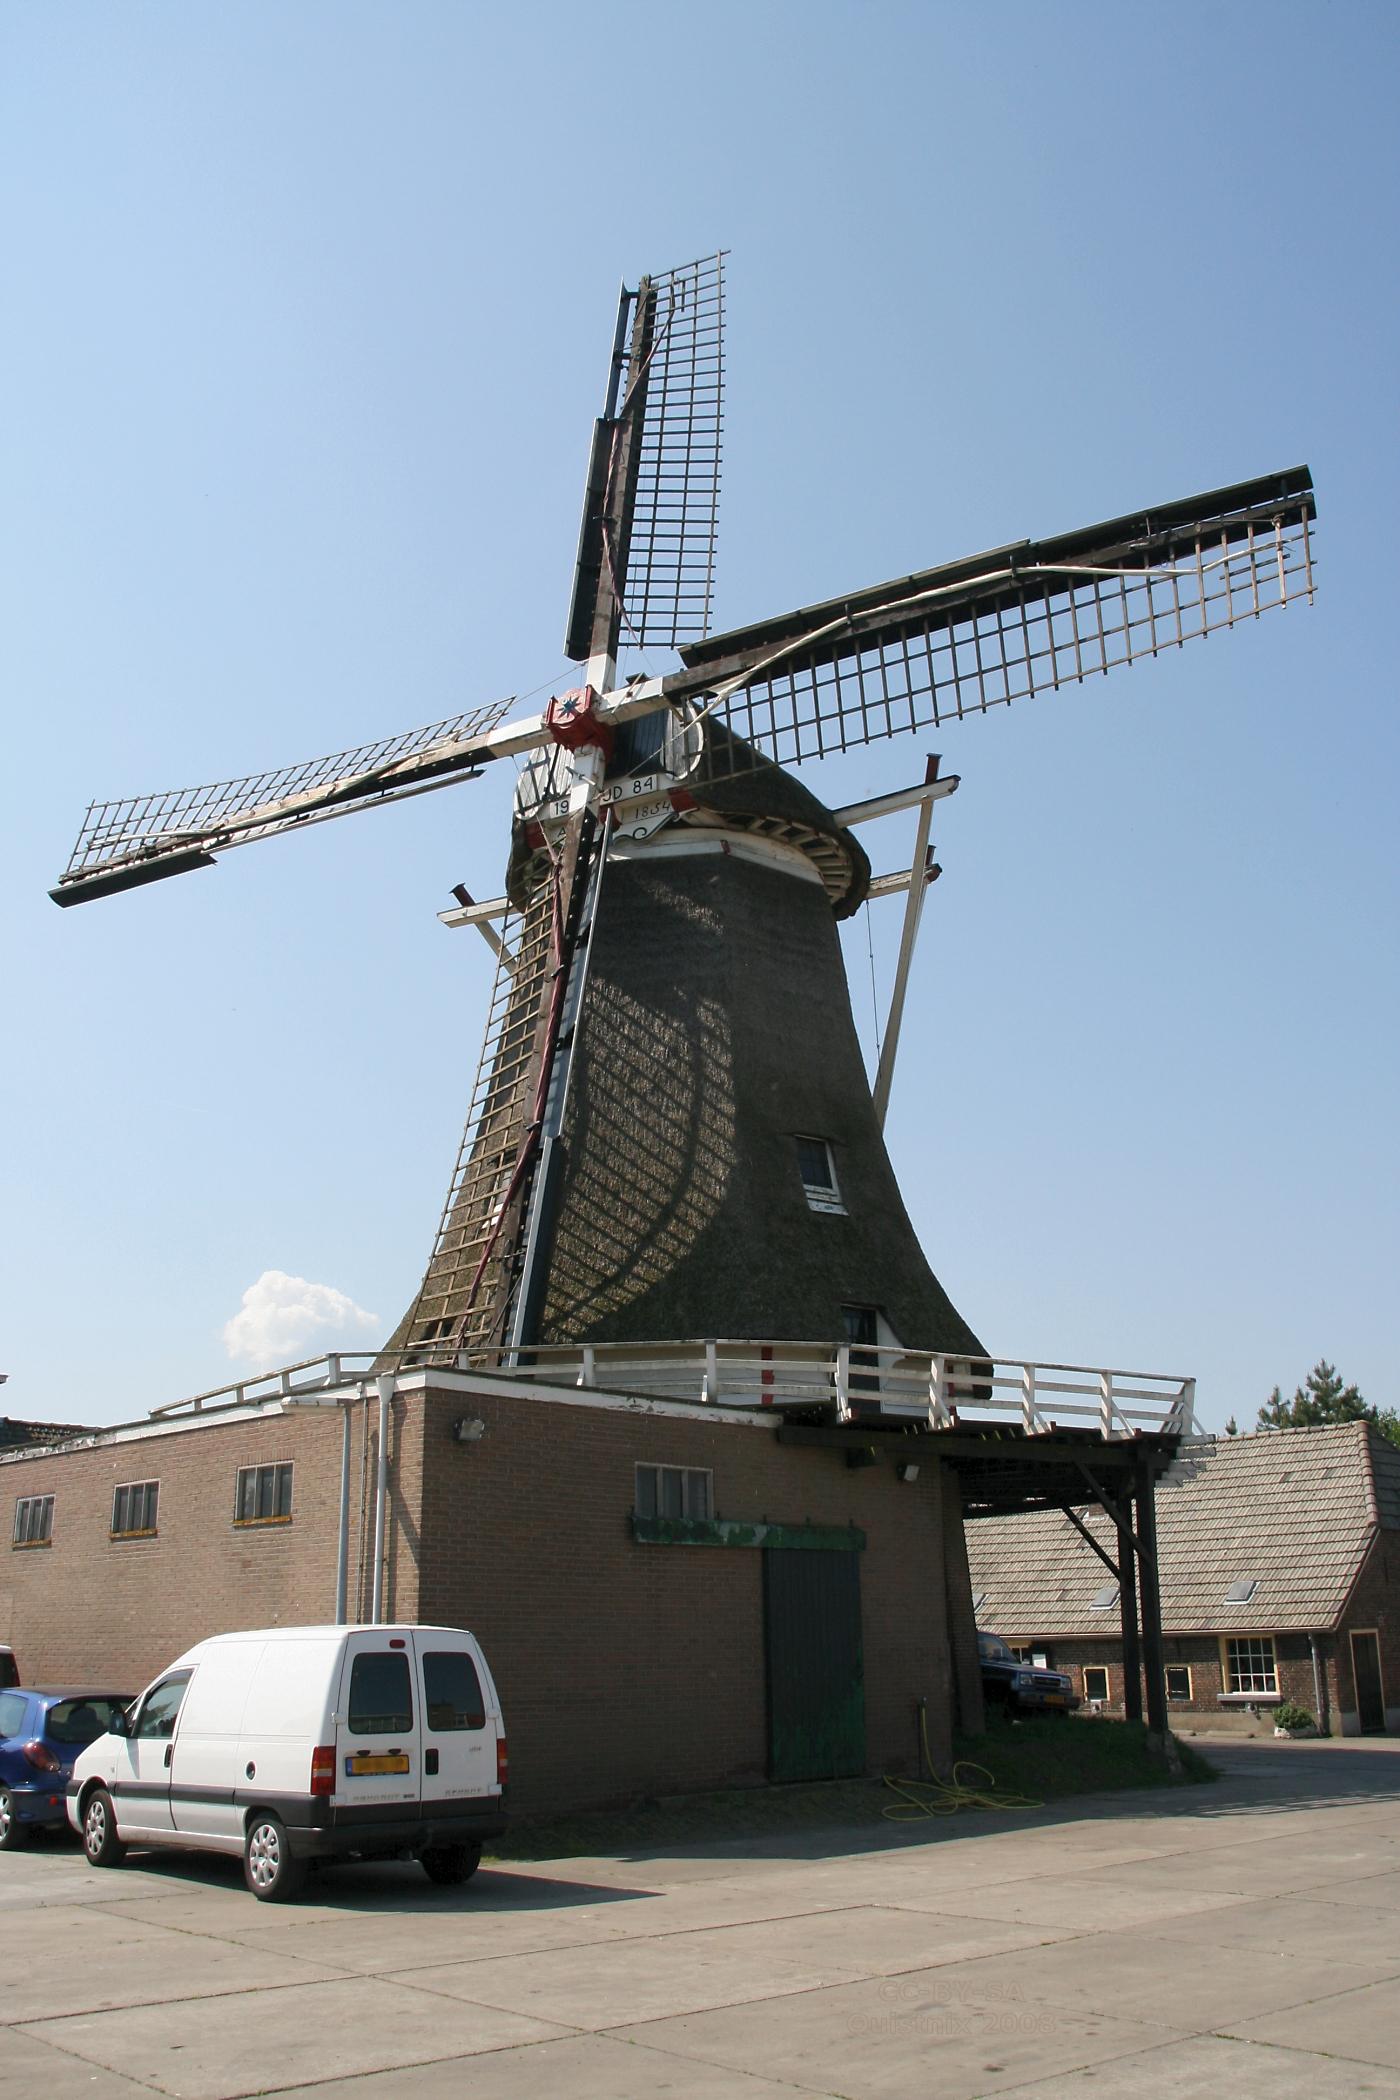 De Tijd in Elburg | Monument - Rijksmonumenten.nl